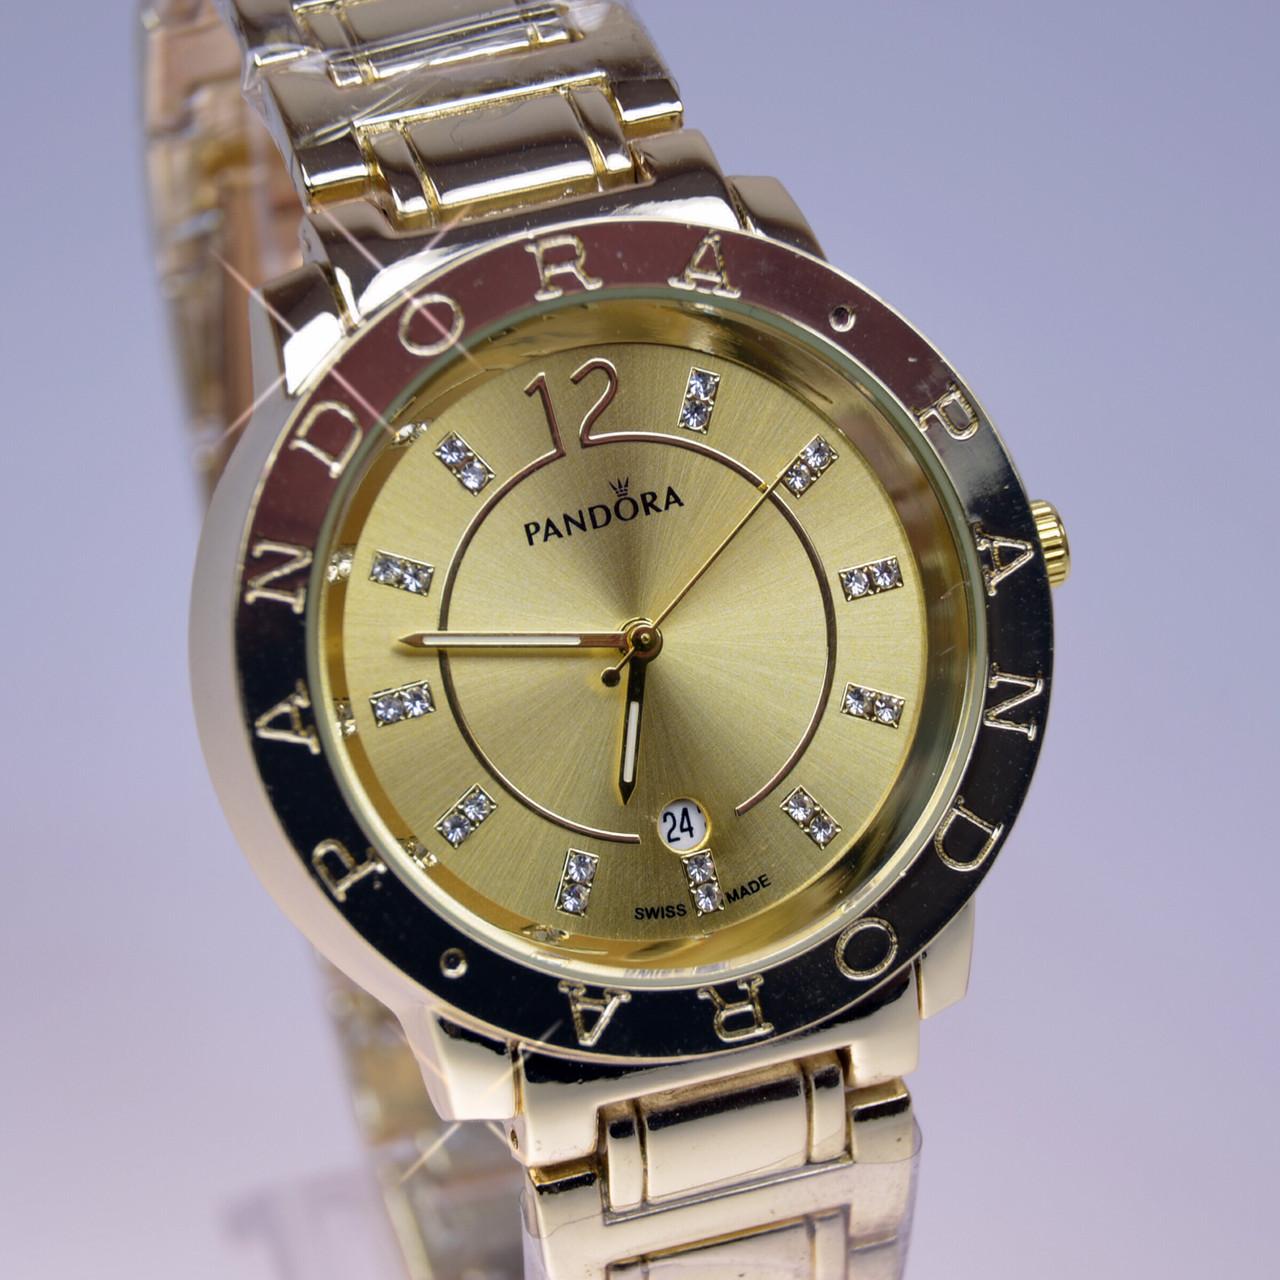 7d9431f4ec05 Женские наручные часы PANDORA (Пандора) B36 Gold календарь  продажа ...